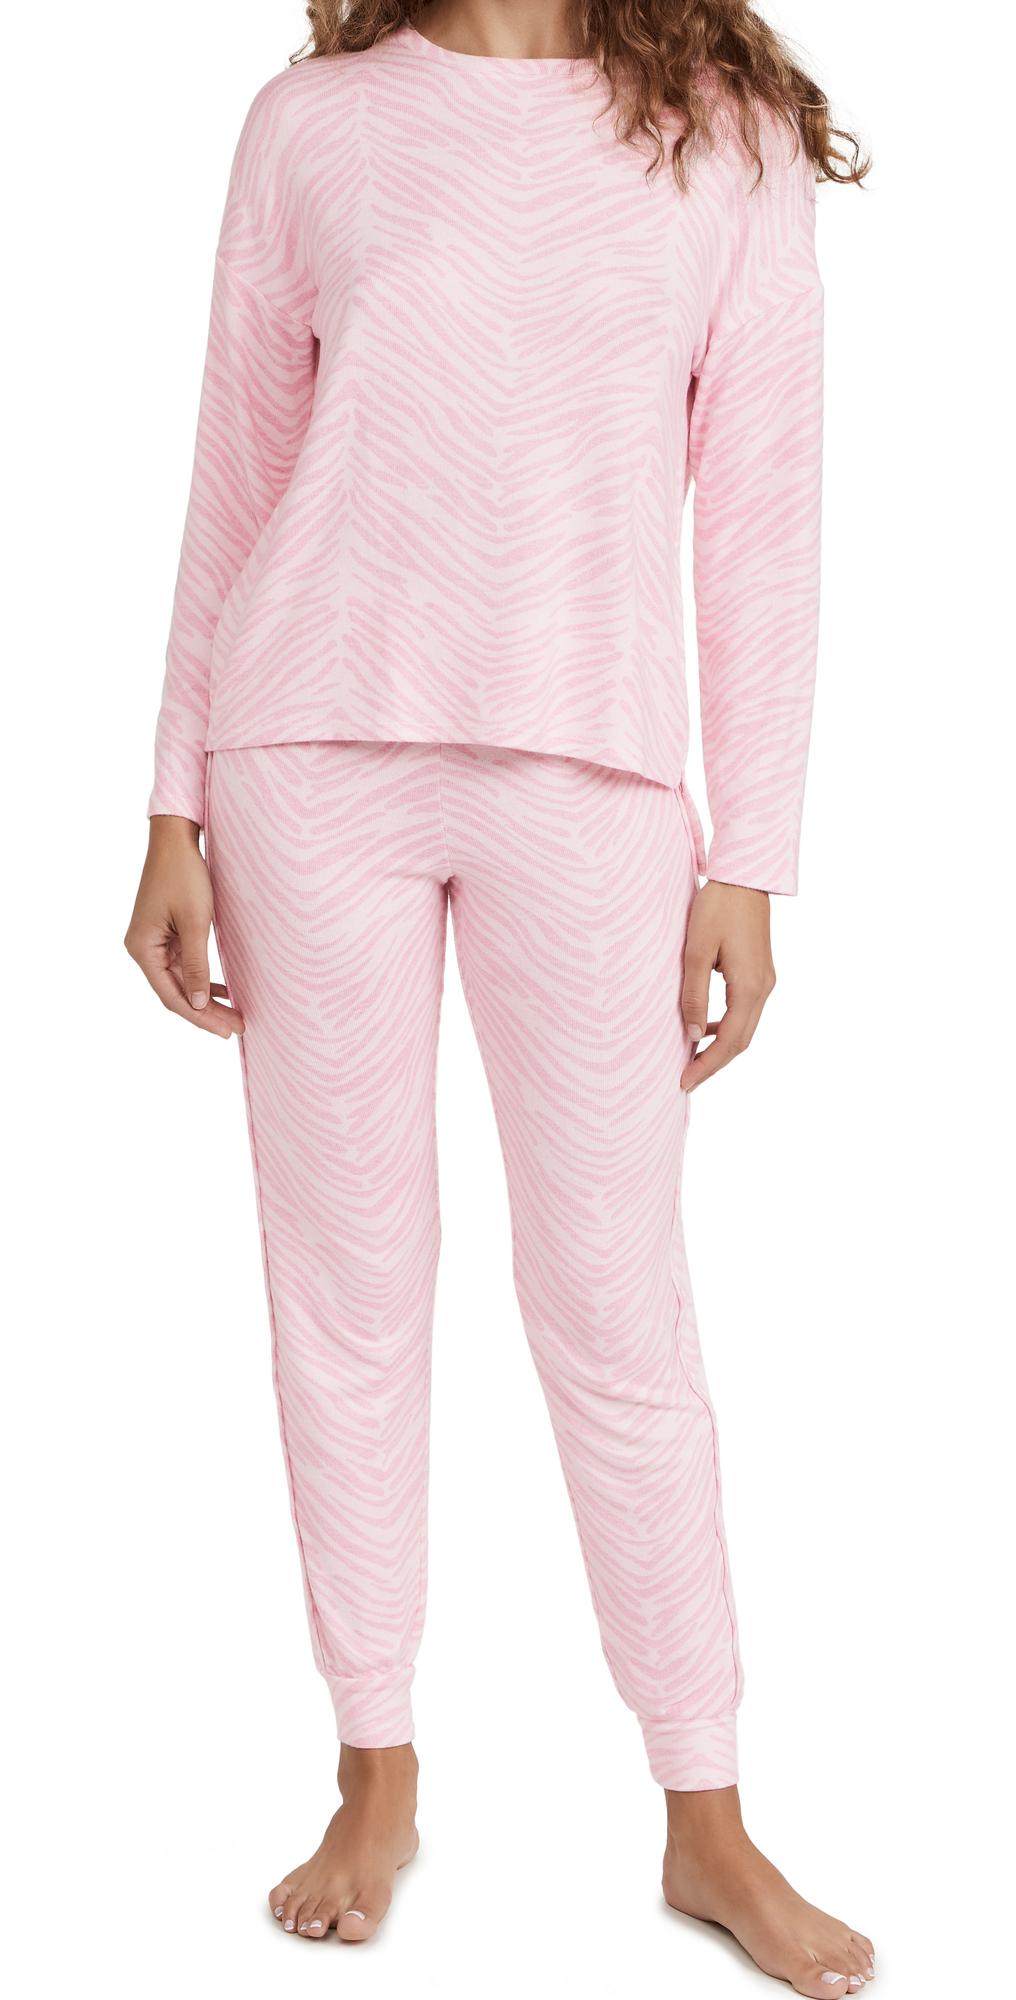 Courageous Tiger Pajama Set